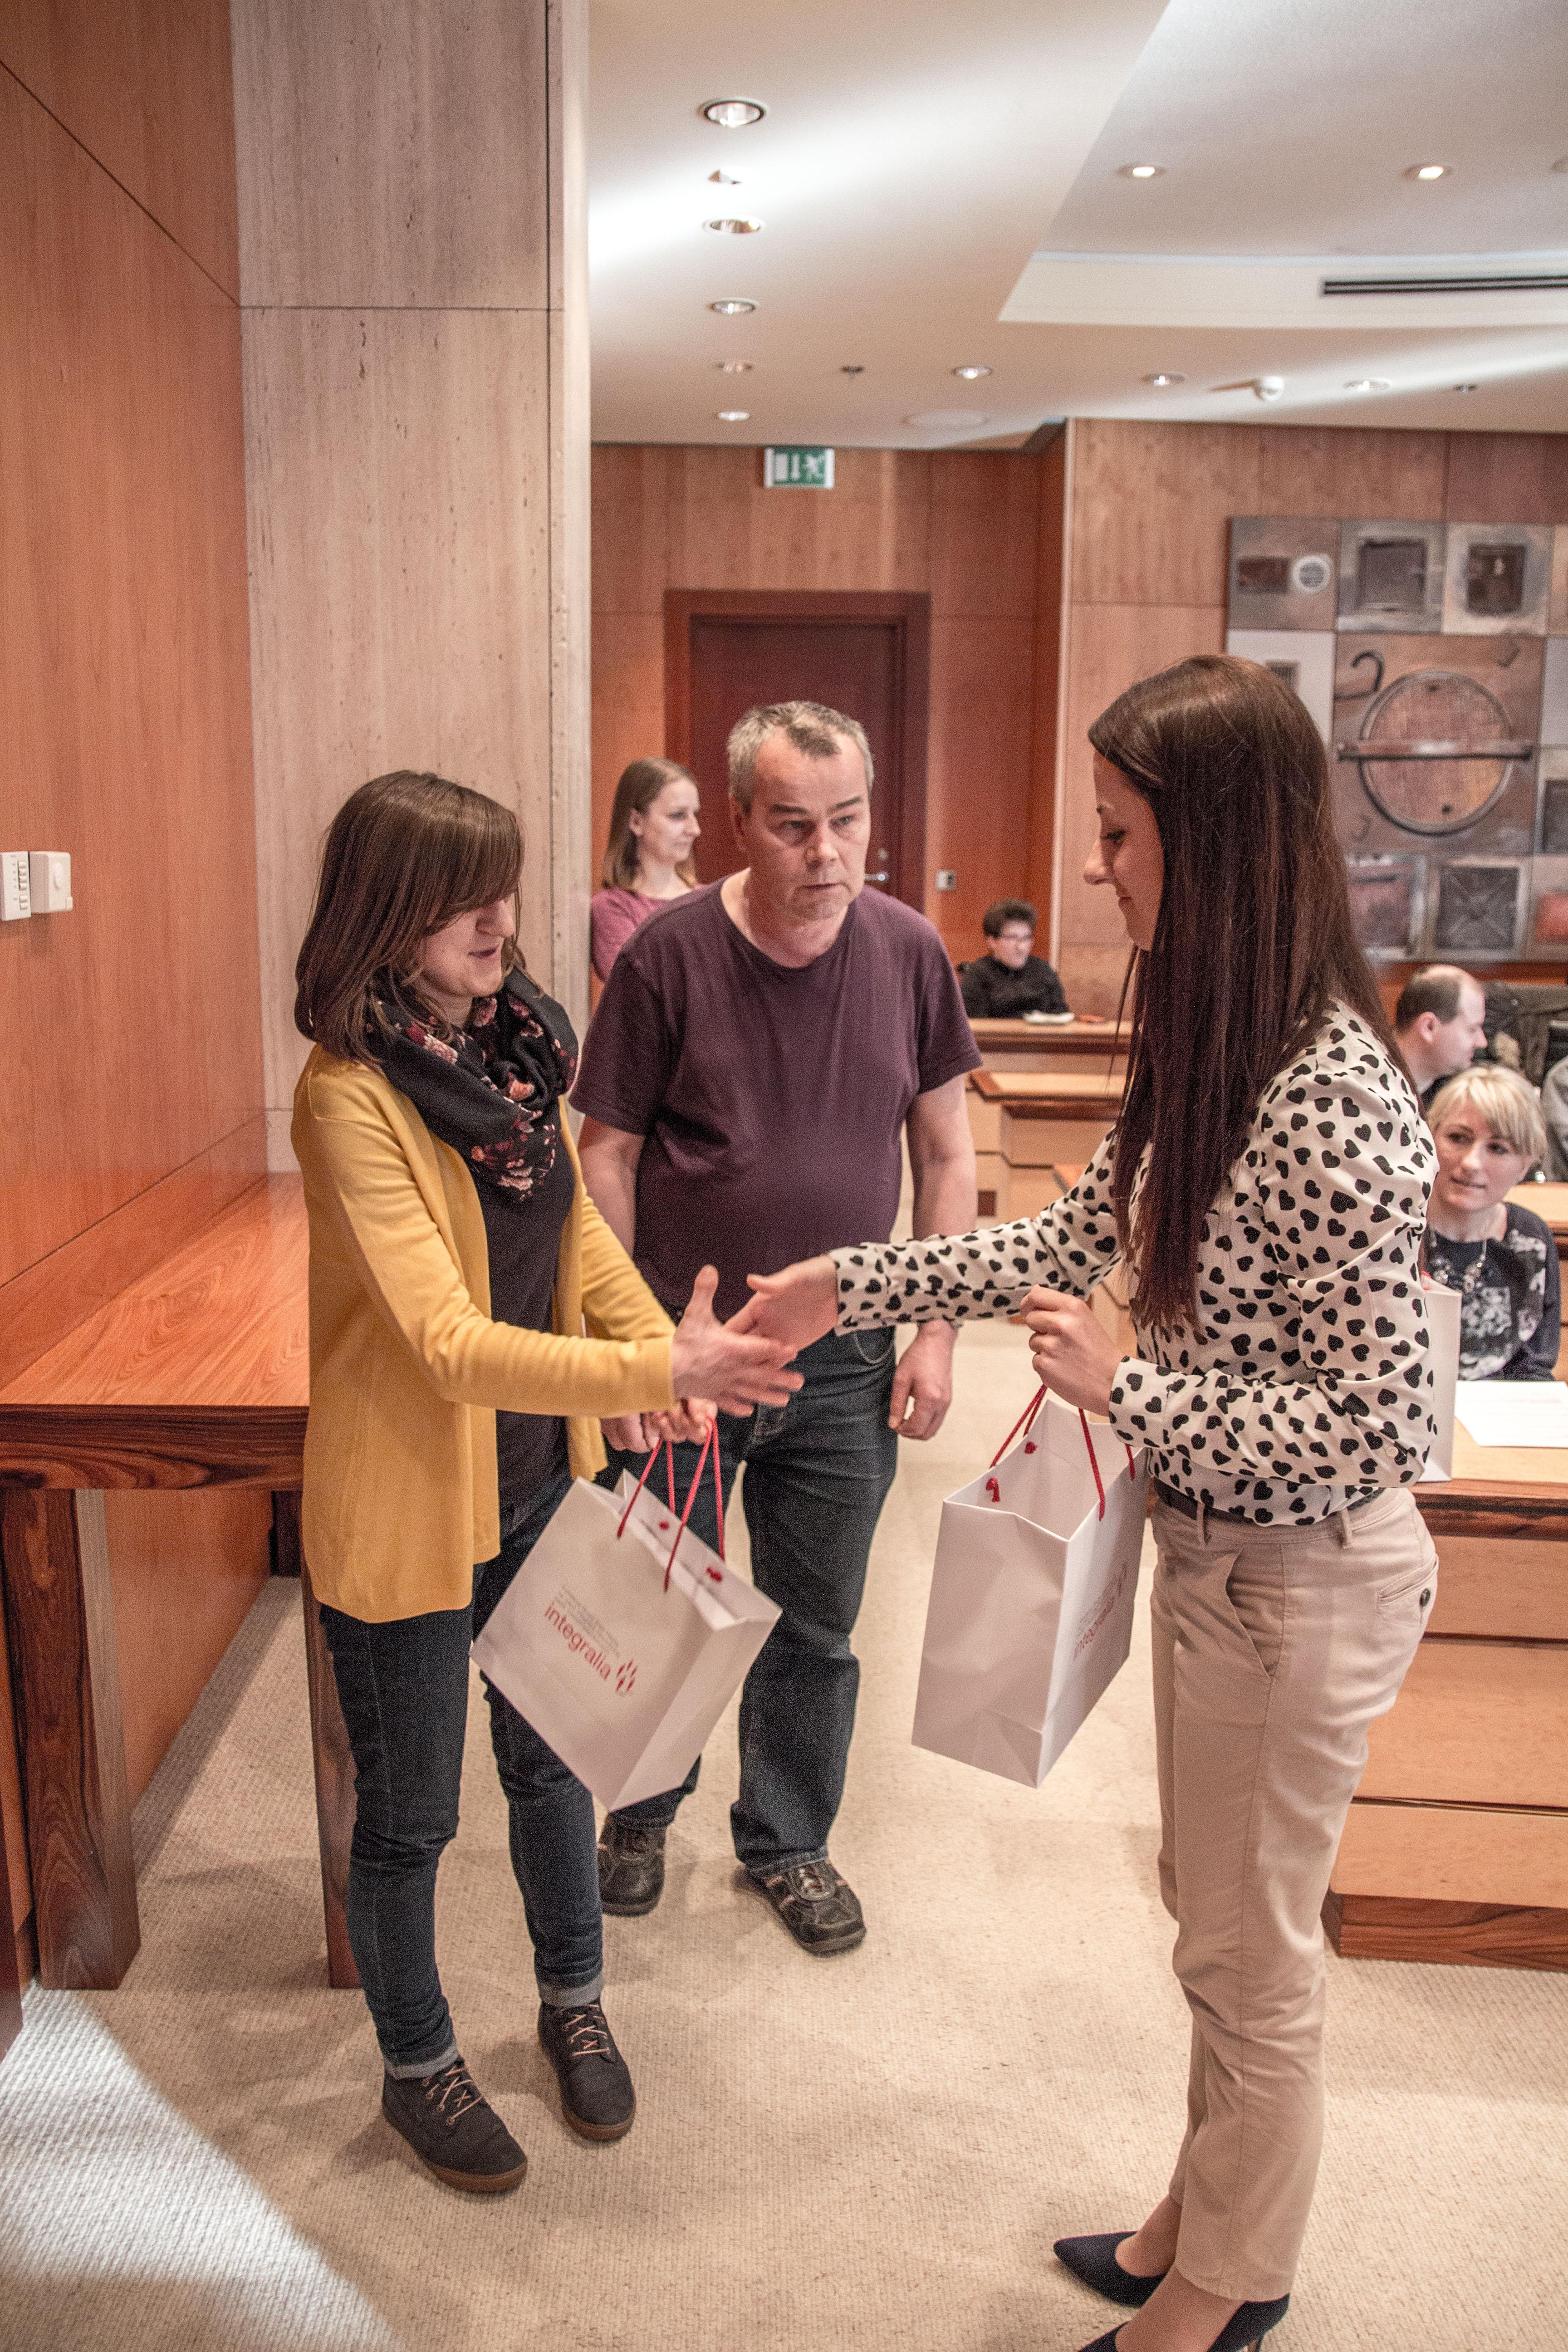 Wręczenie upominków uczestnikom spotkania przez pracownika Fundacji.